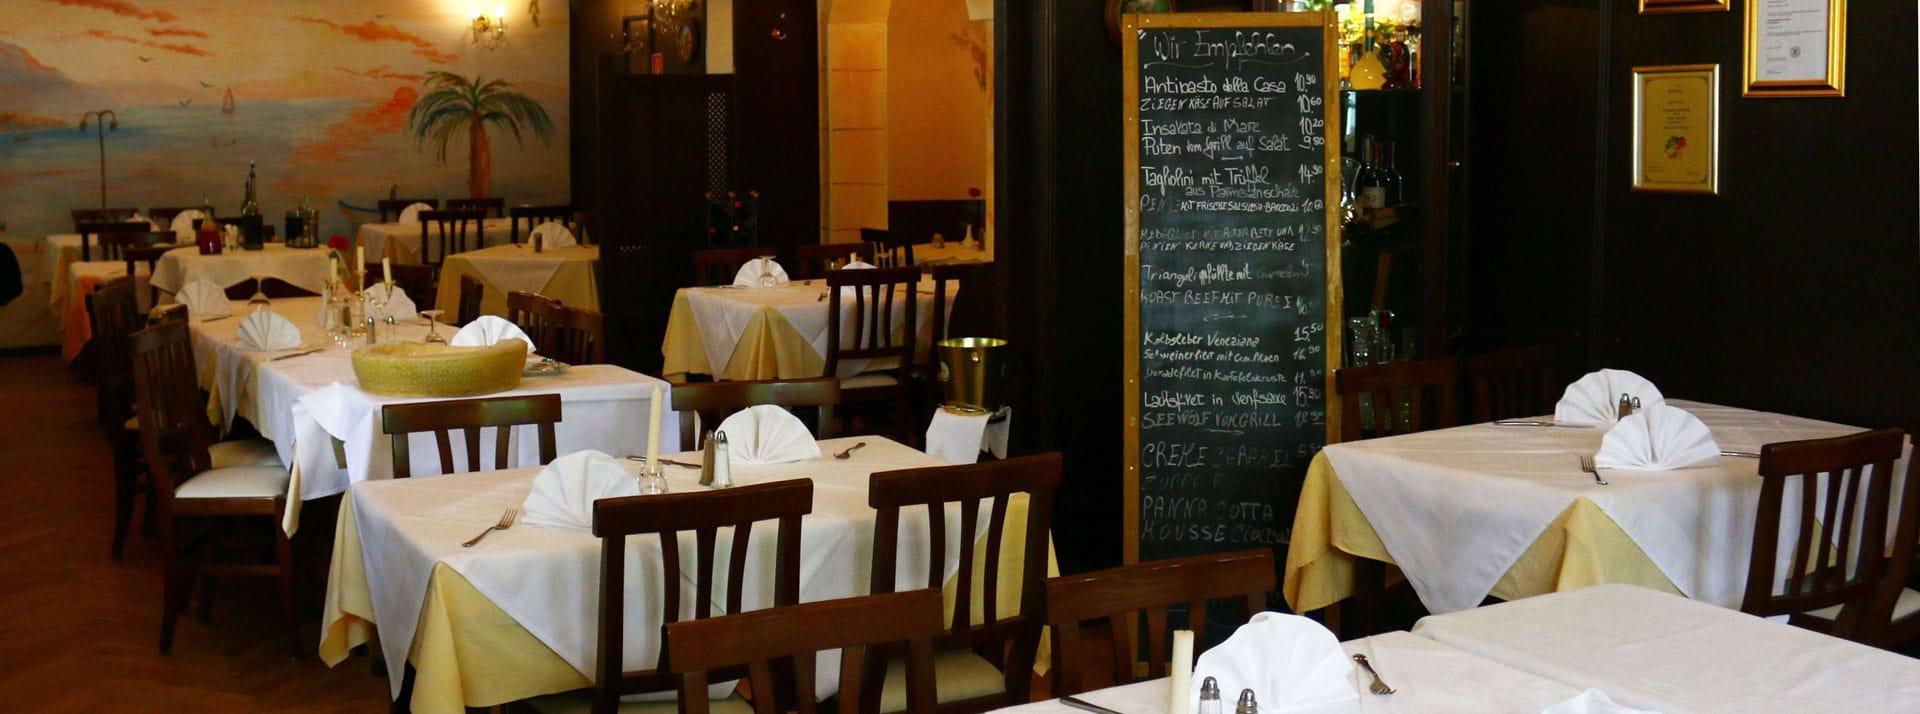 Italienisches Restaurant Giesing- / Haidhausen